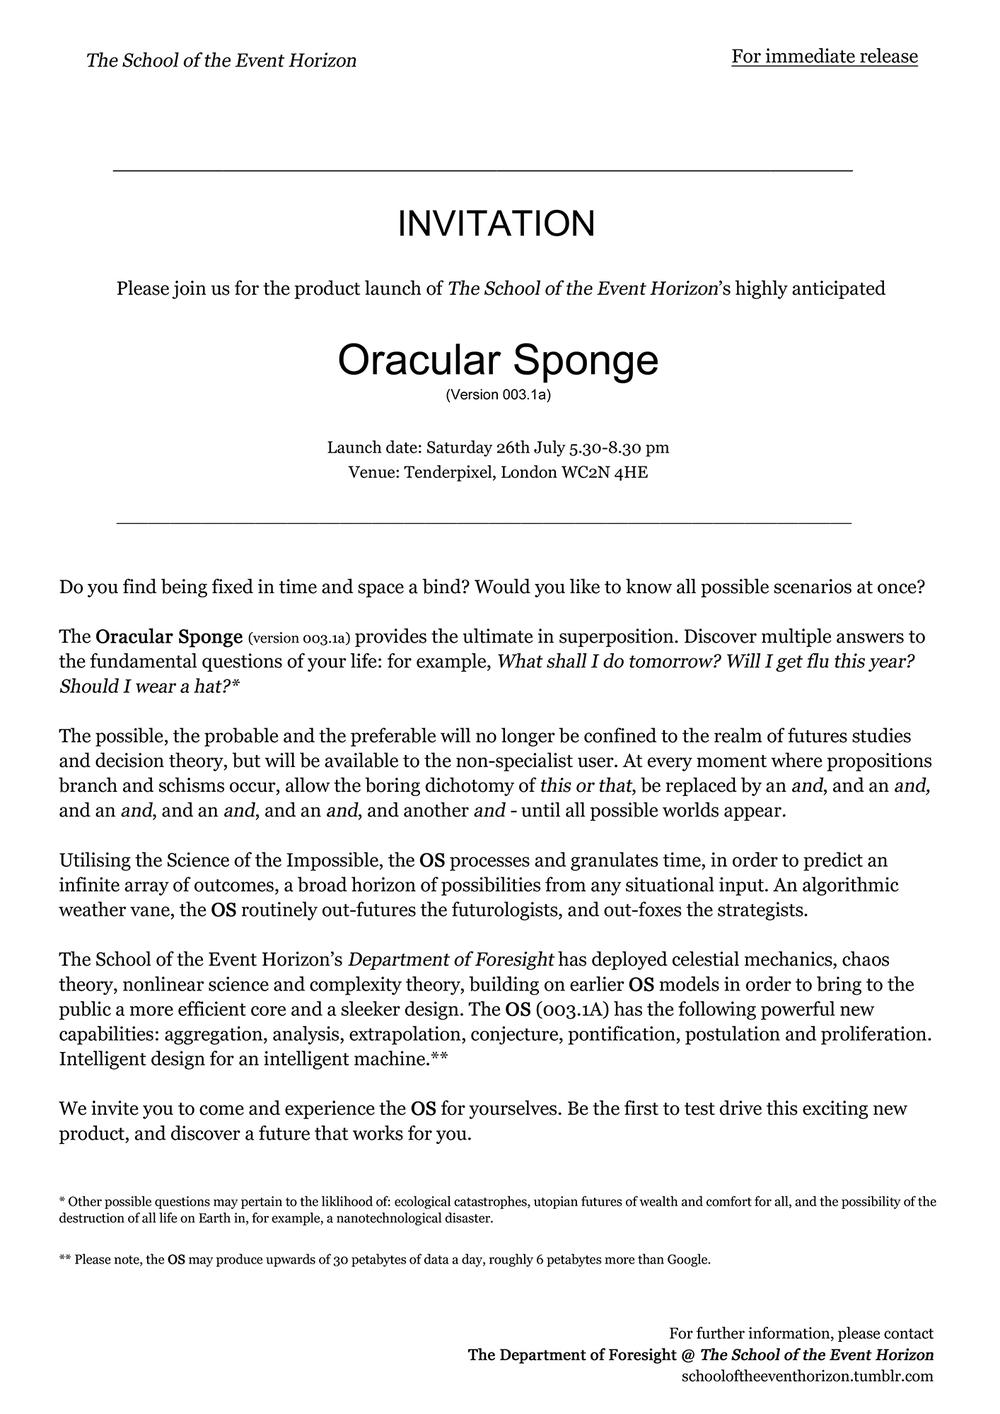 The Oracular Sponge